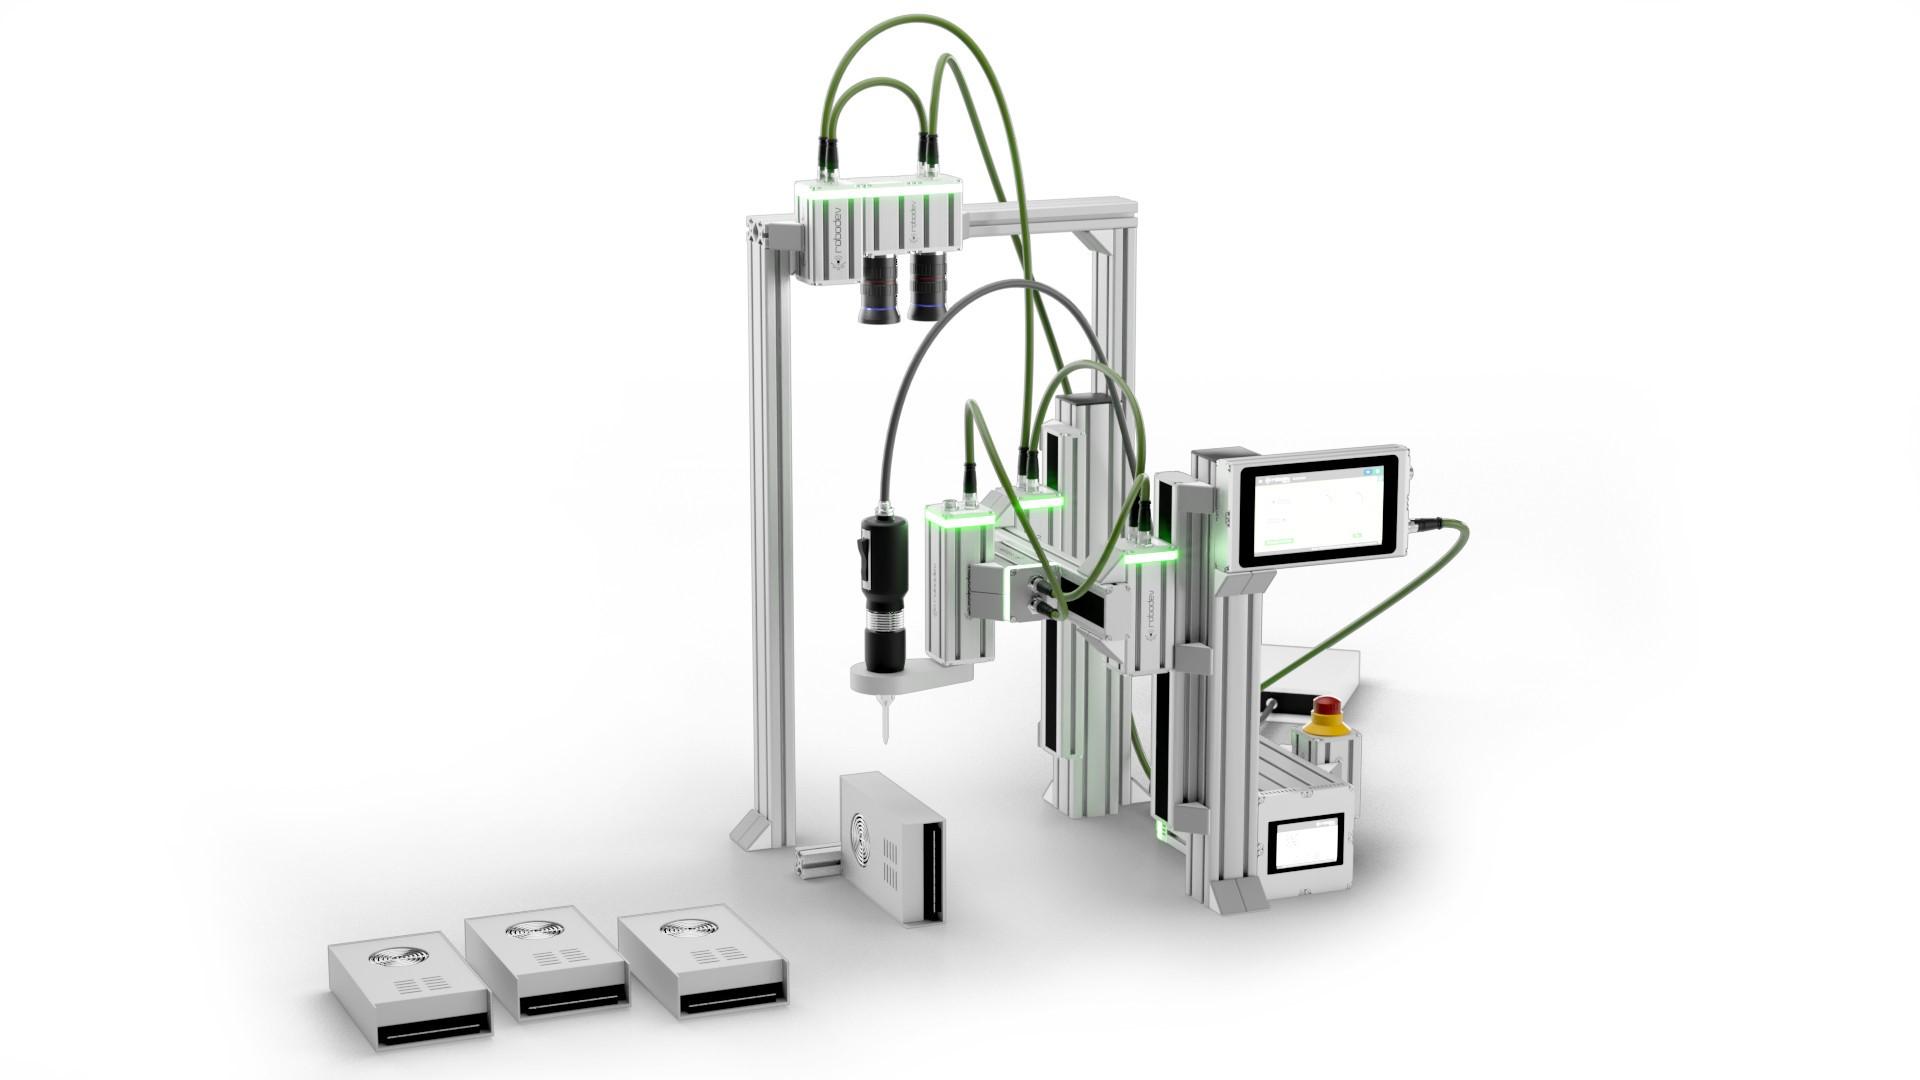 Schraubautomatisierung